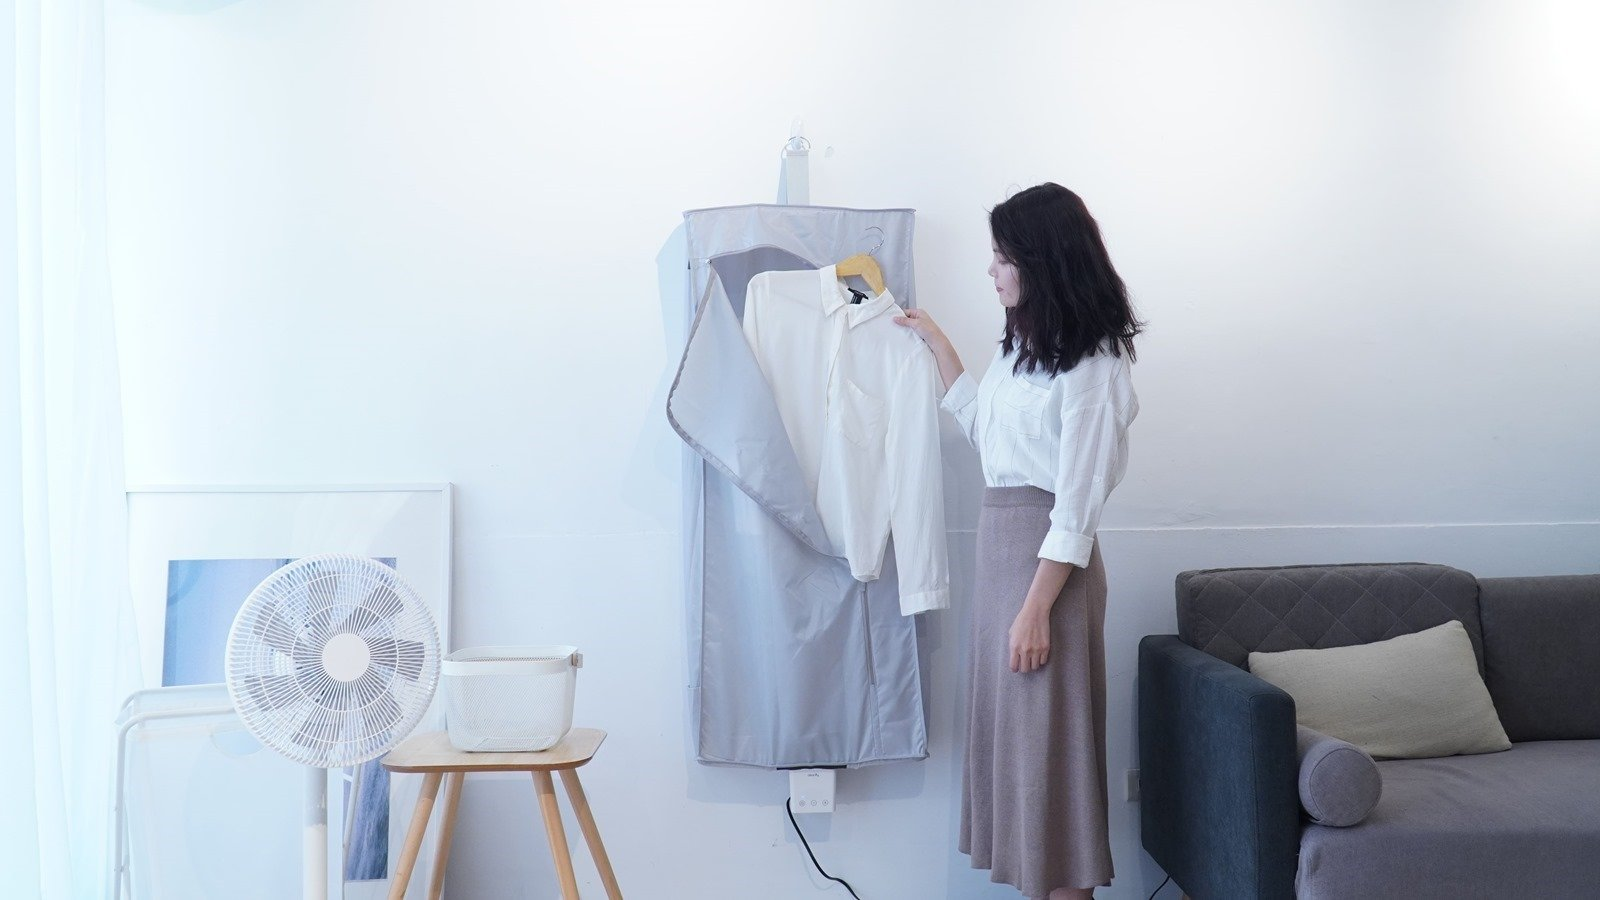 『智慧摺疊乾衣機』解救雨天困擾!還有 App 遙控烘衣助殺菌,募資破 500 萬元 @3C 達人廖阿輝